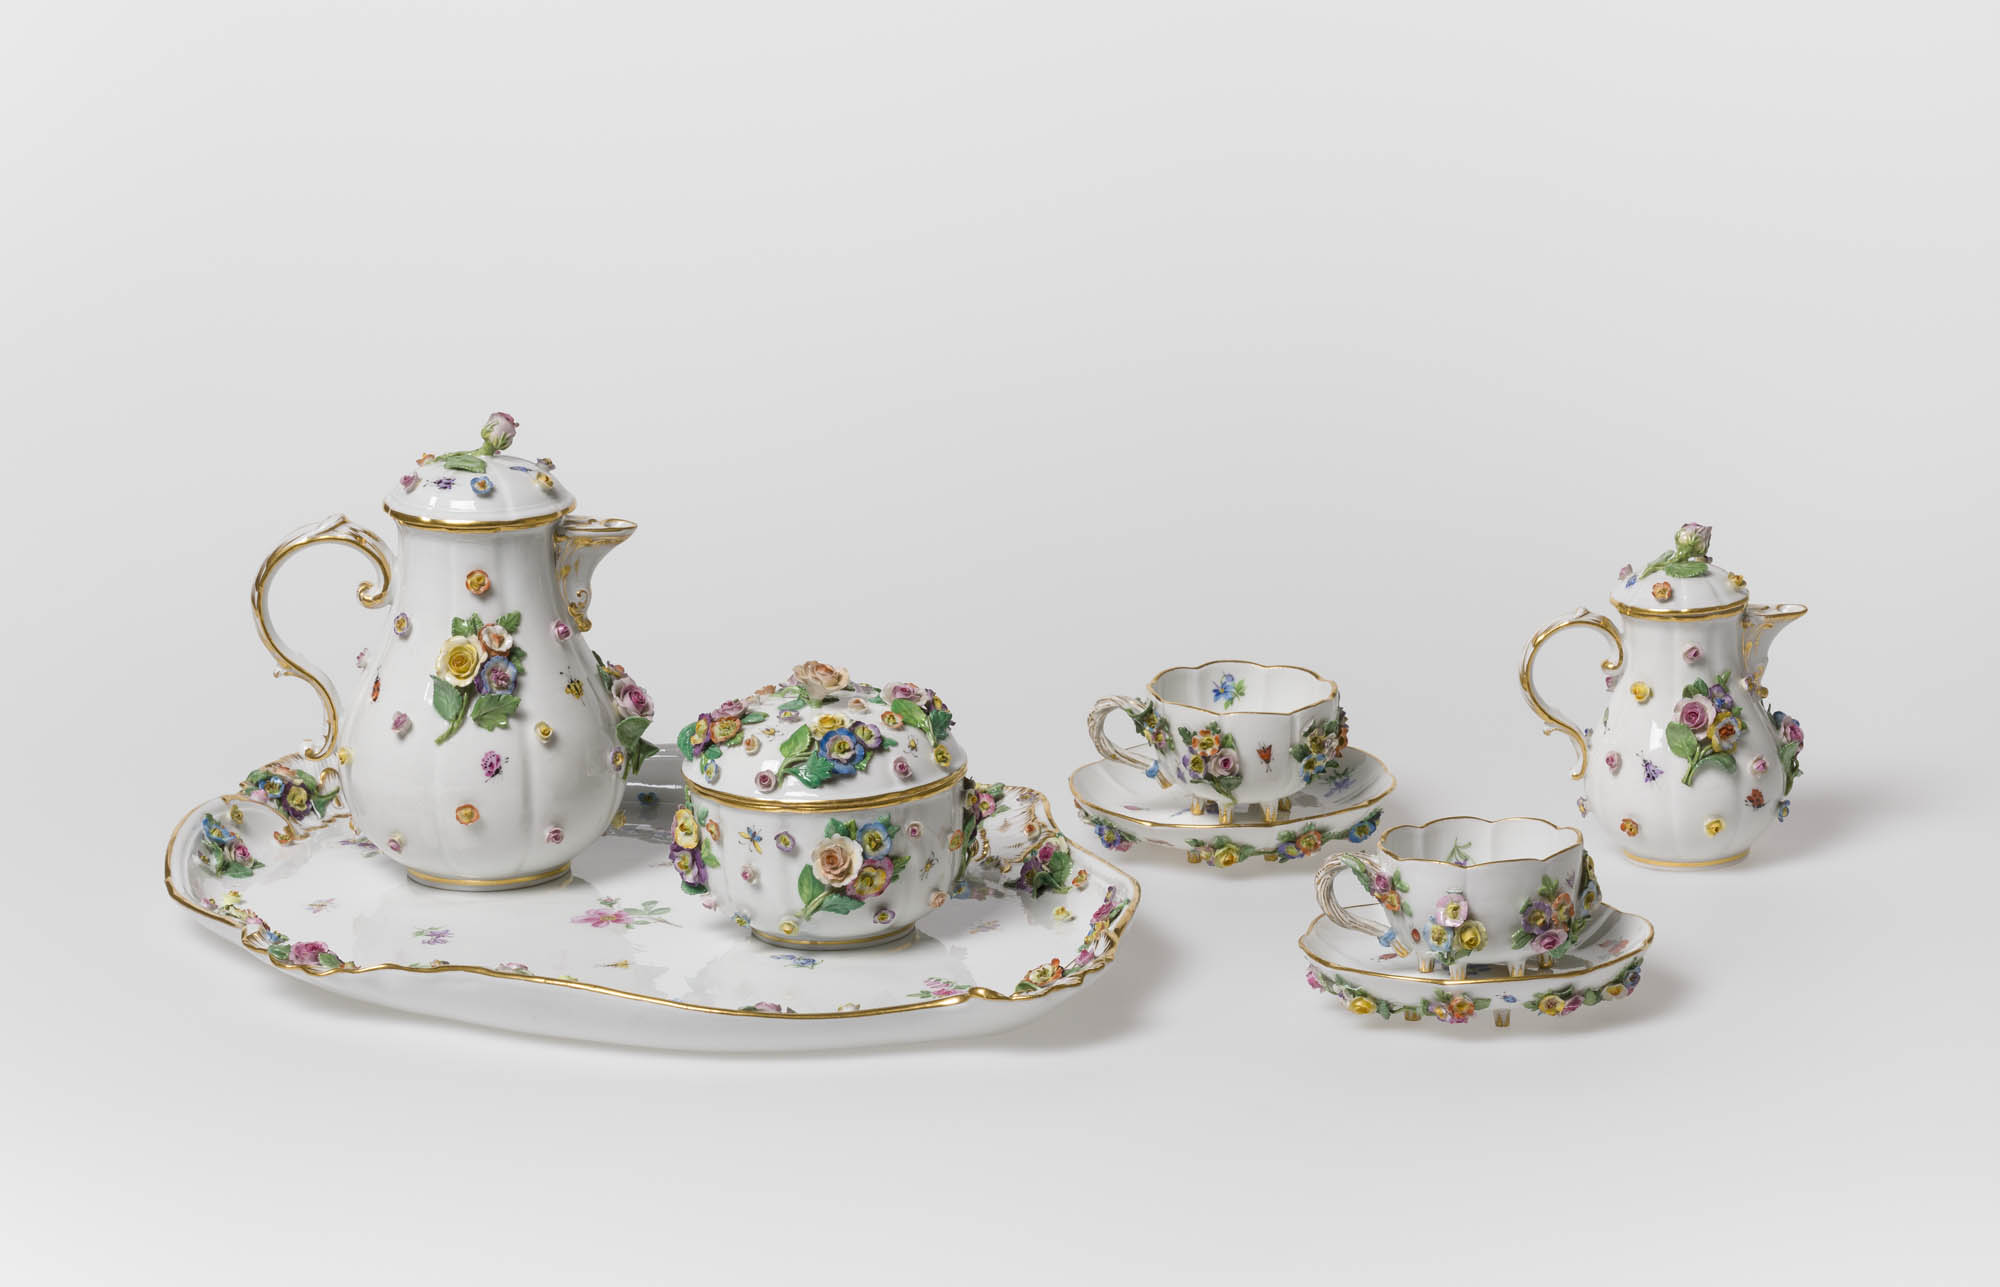 (sans titre) Königlich-Polnische und Kurfürstlich-Sächsische Porzellan-Manufaktur Meissen Tasse